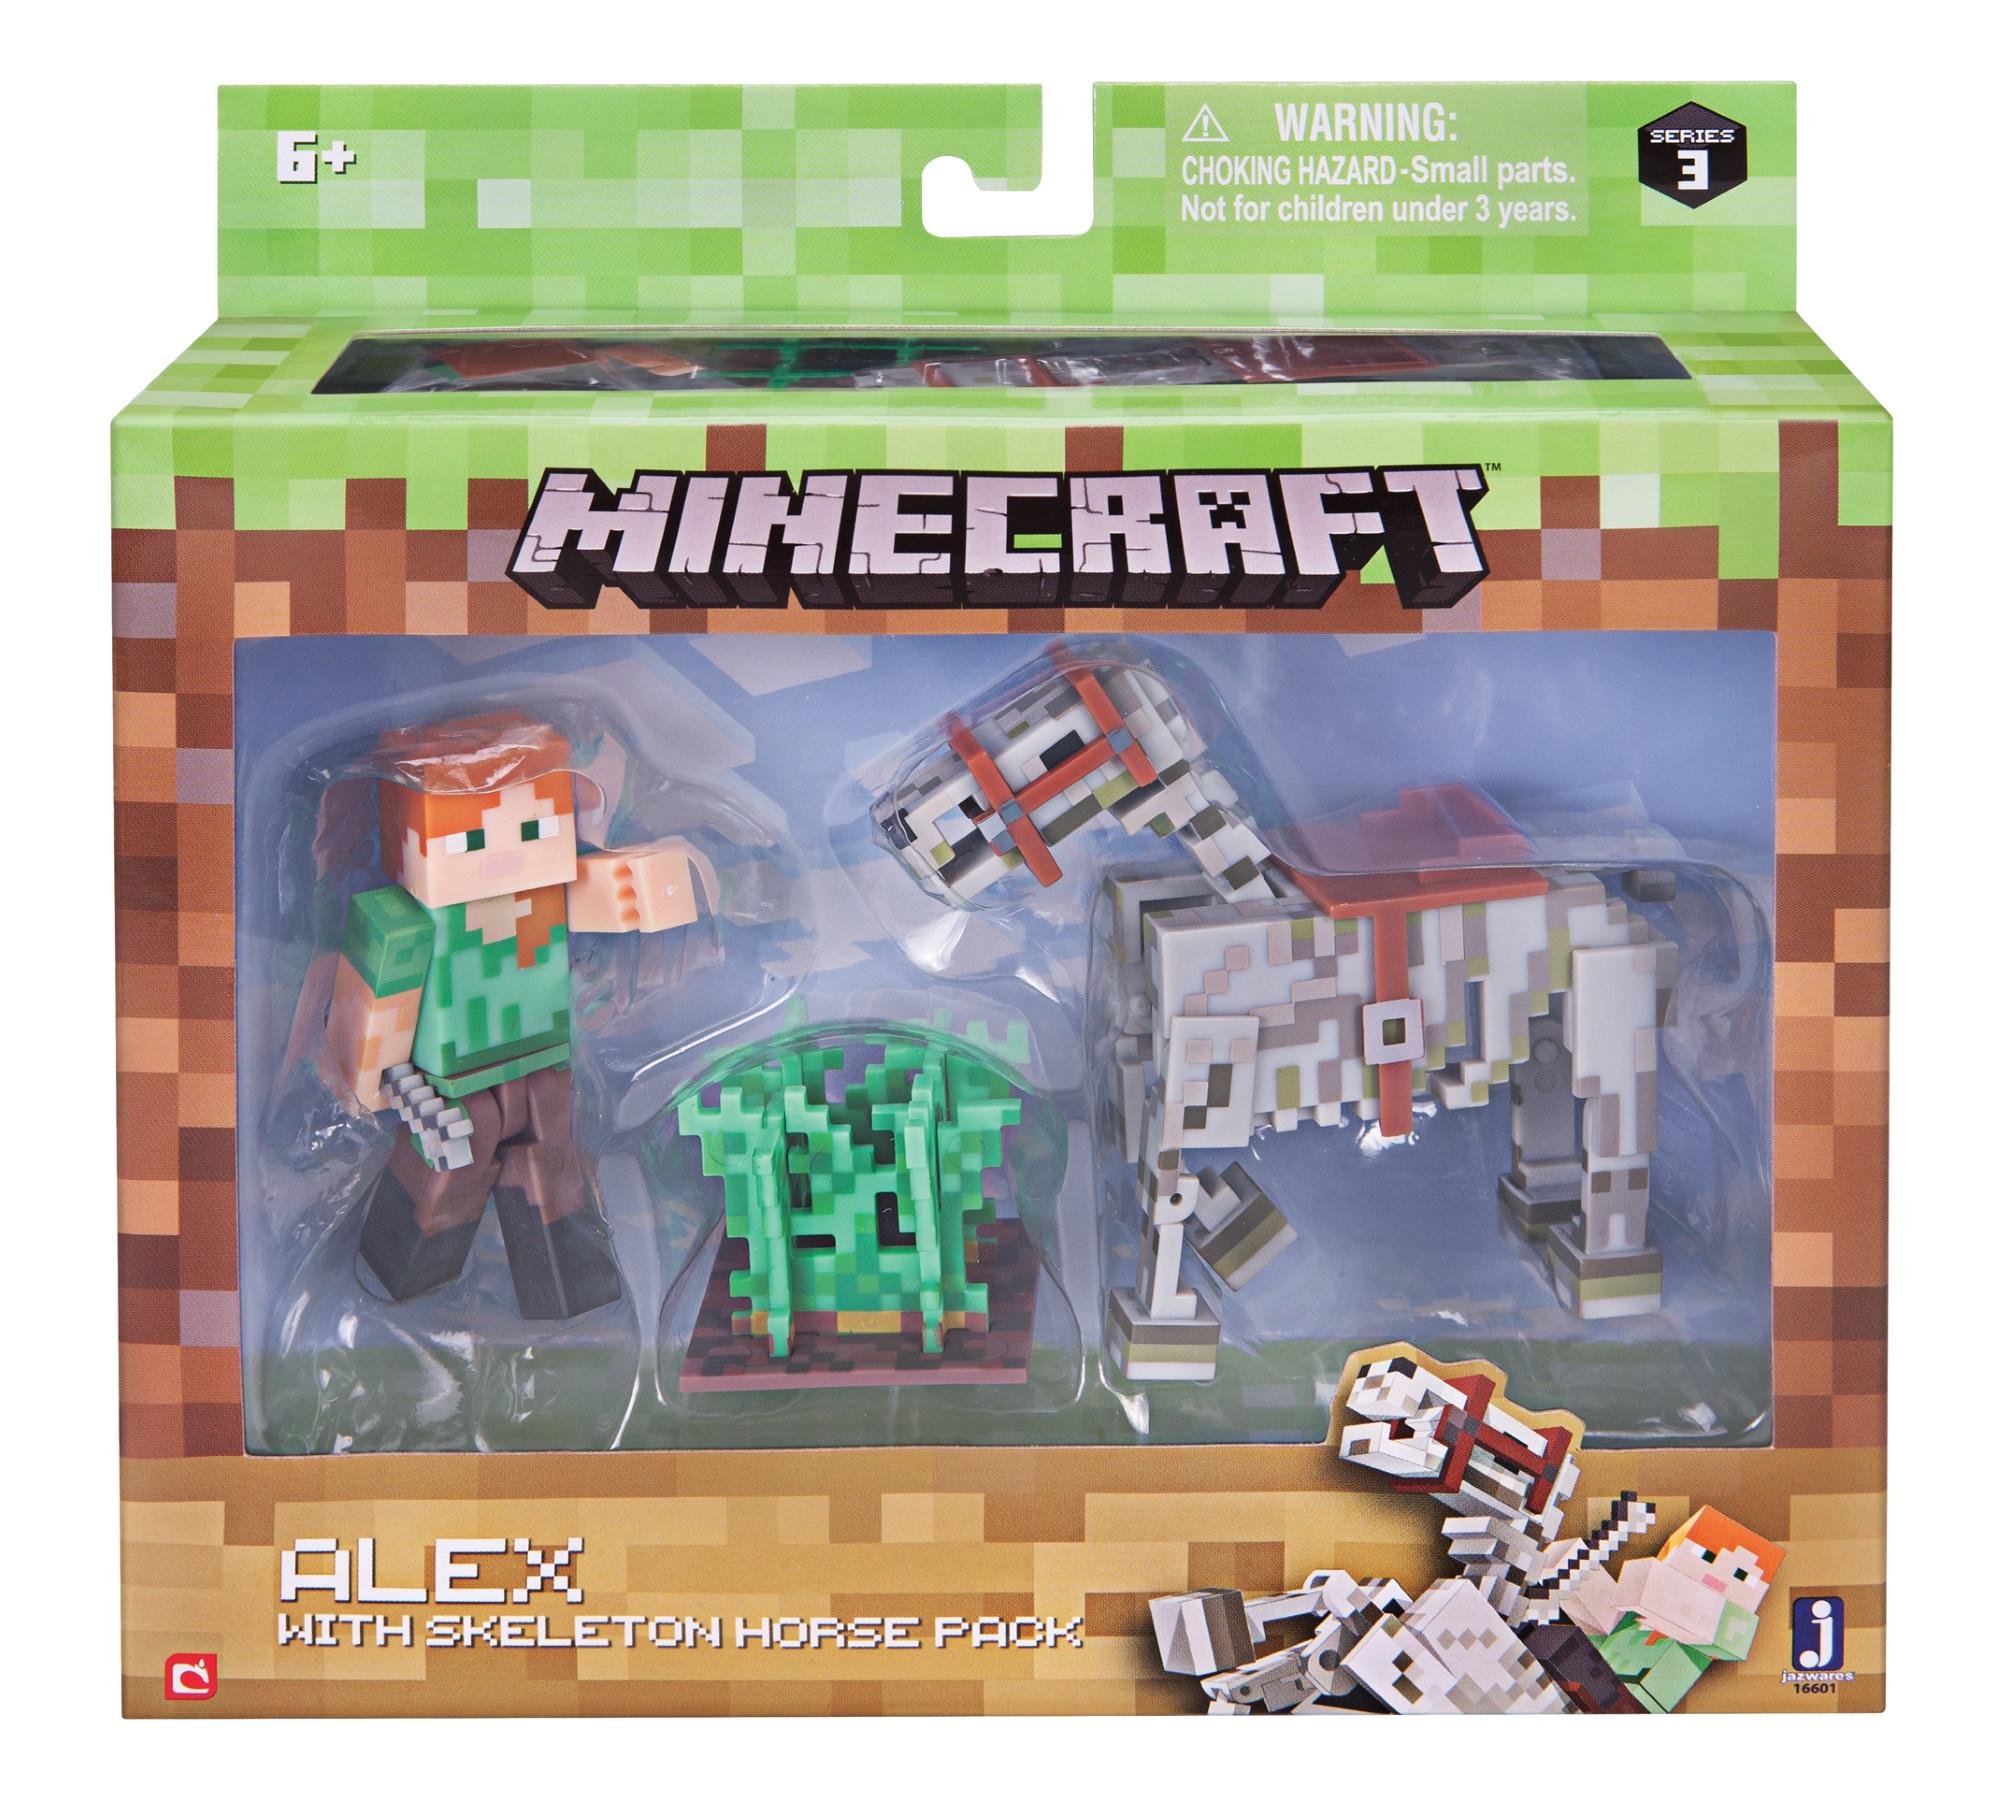 Набор фигурок Minecraft: Alex with Skeleton Horse – Series 3Представляем набор фигурок Minecraft: Alex with Skeleton Horse, созданный по мотивам популярной компьютерной игры.<br>